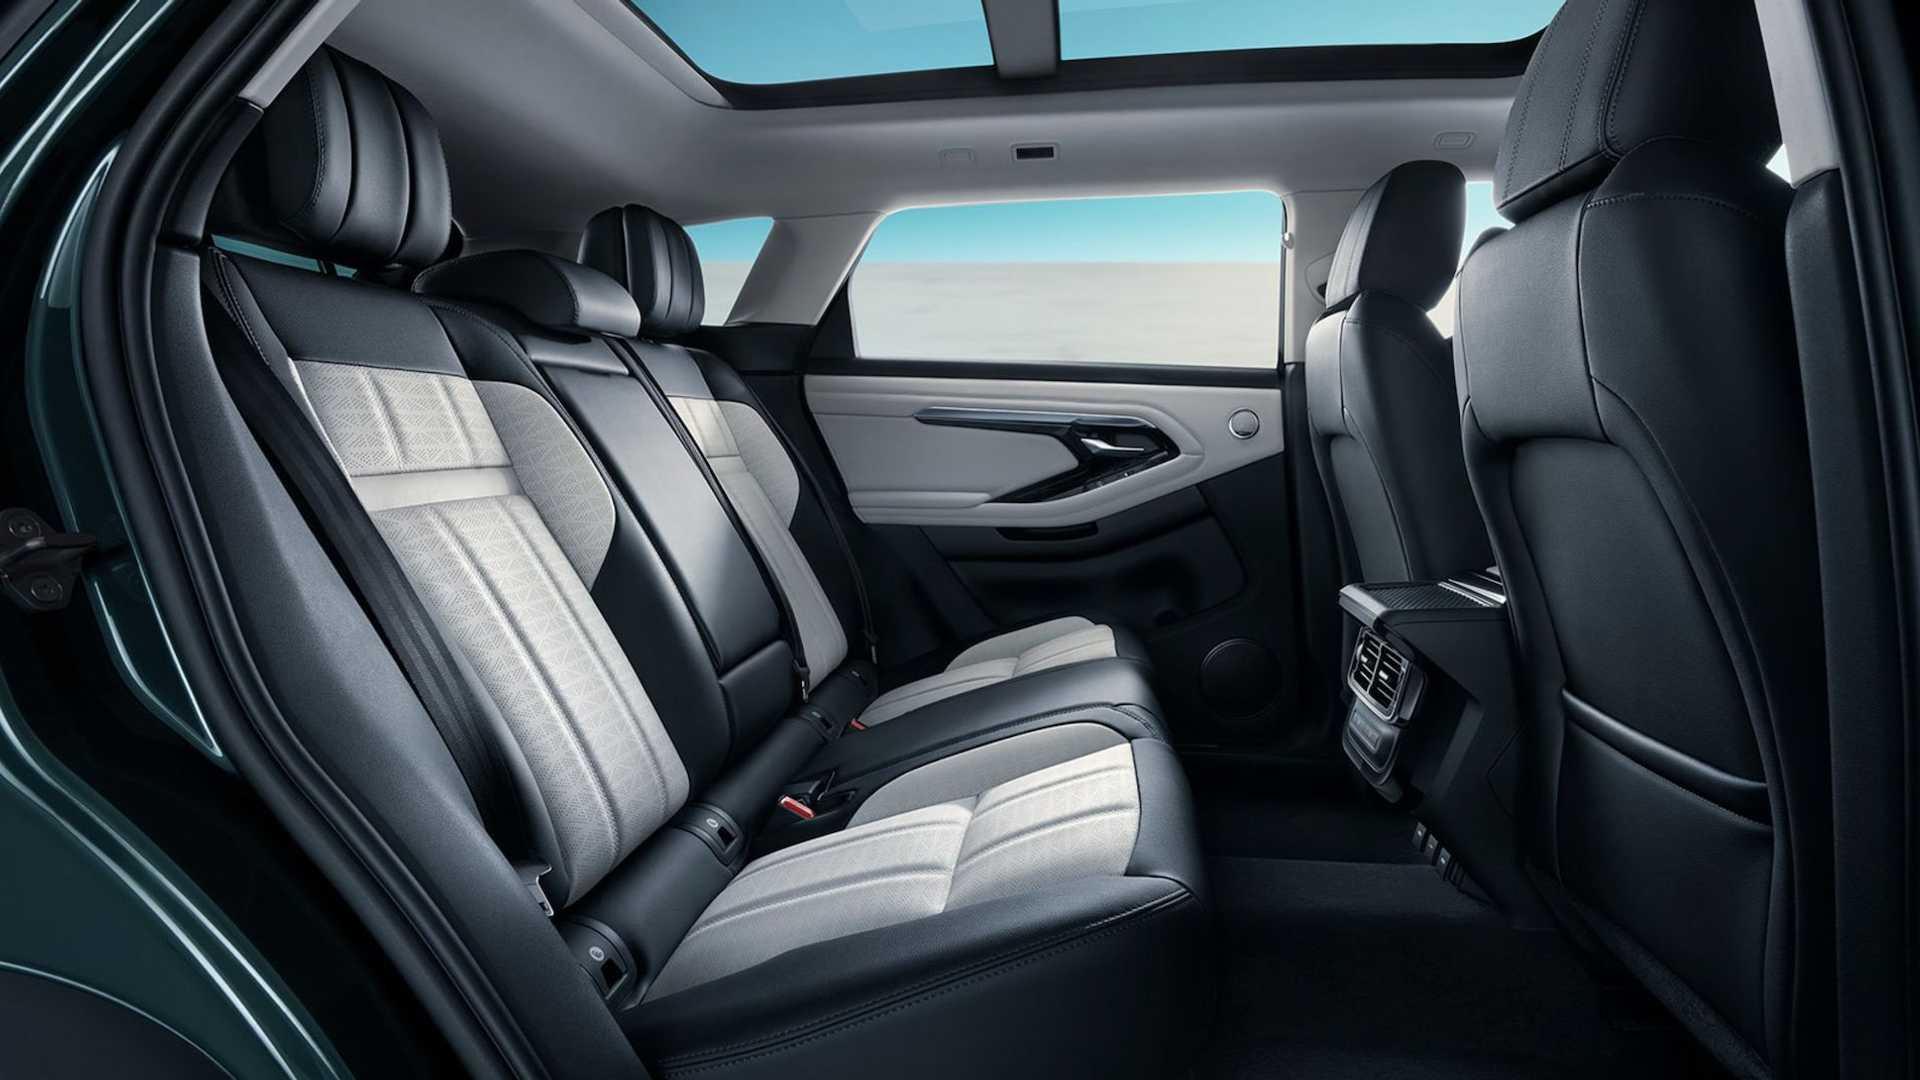 Lưng hàng ghế sau có thể ngả thêm 7 độ. Ảnh: Land Rover